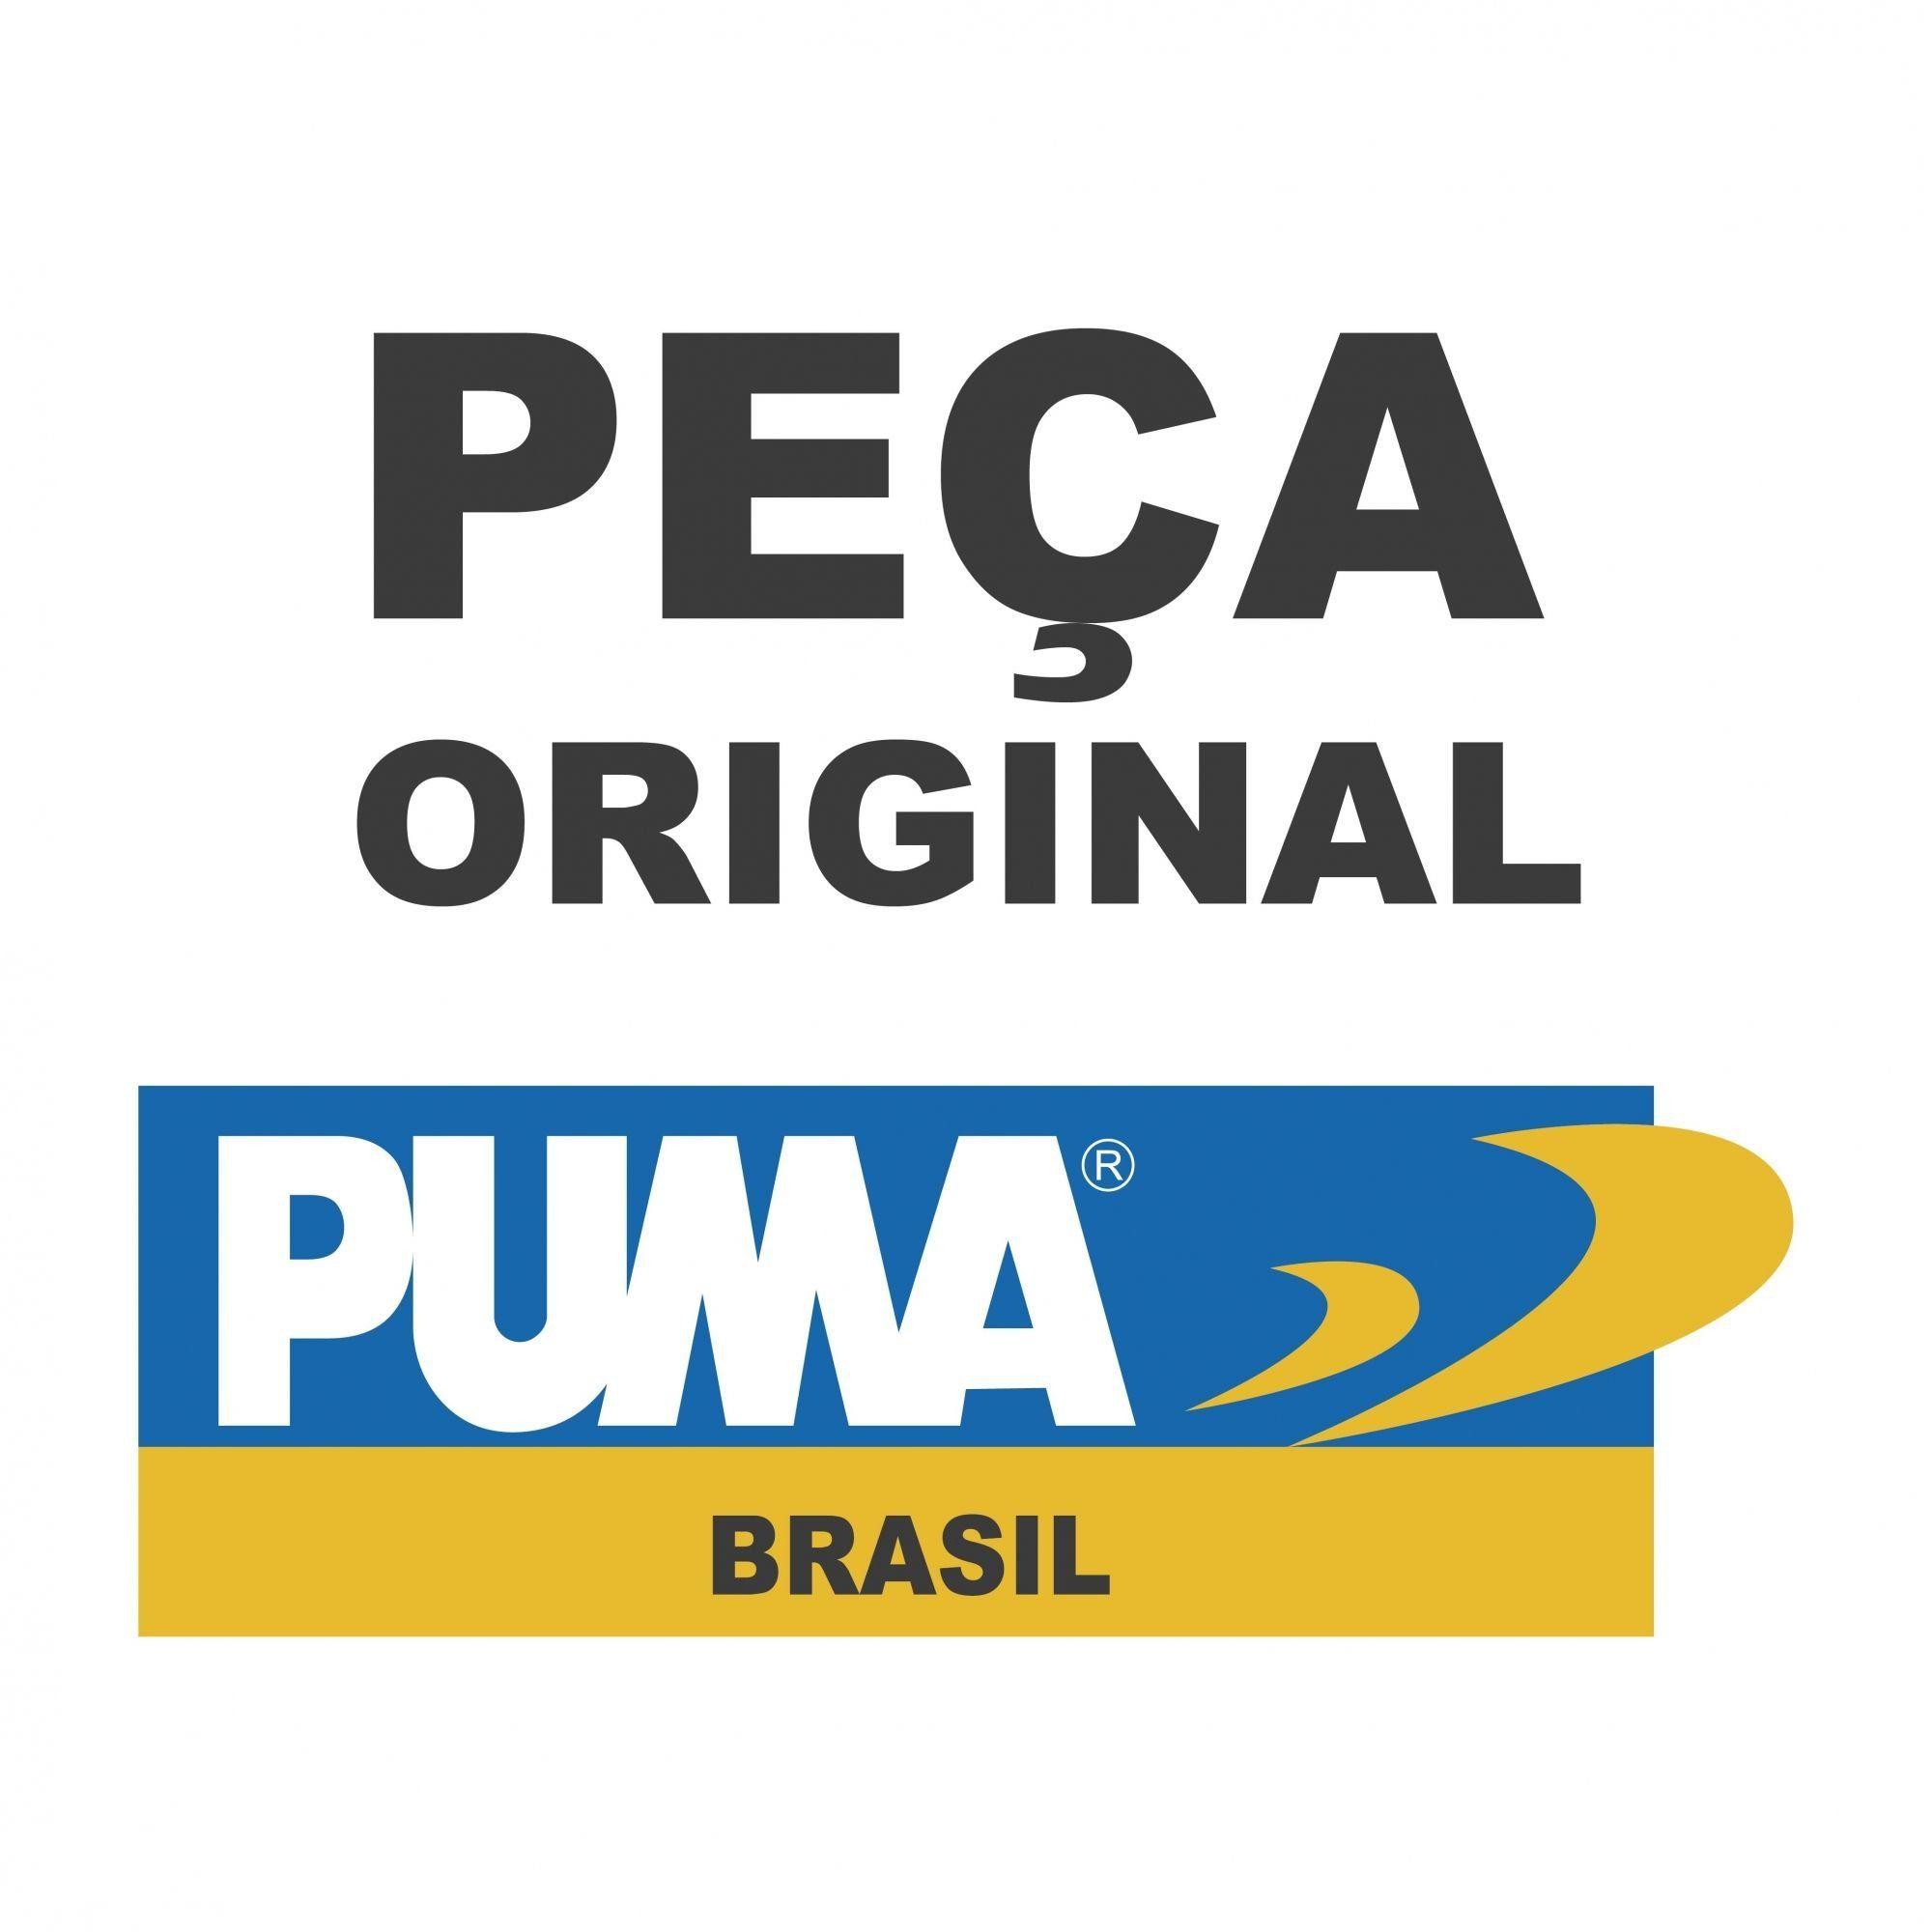 O'RING - PEÇA PNEUMÁTICA PUMA - B5370-10